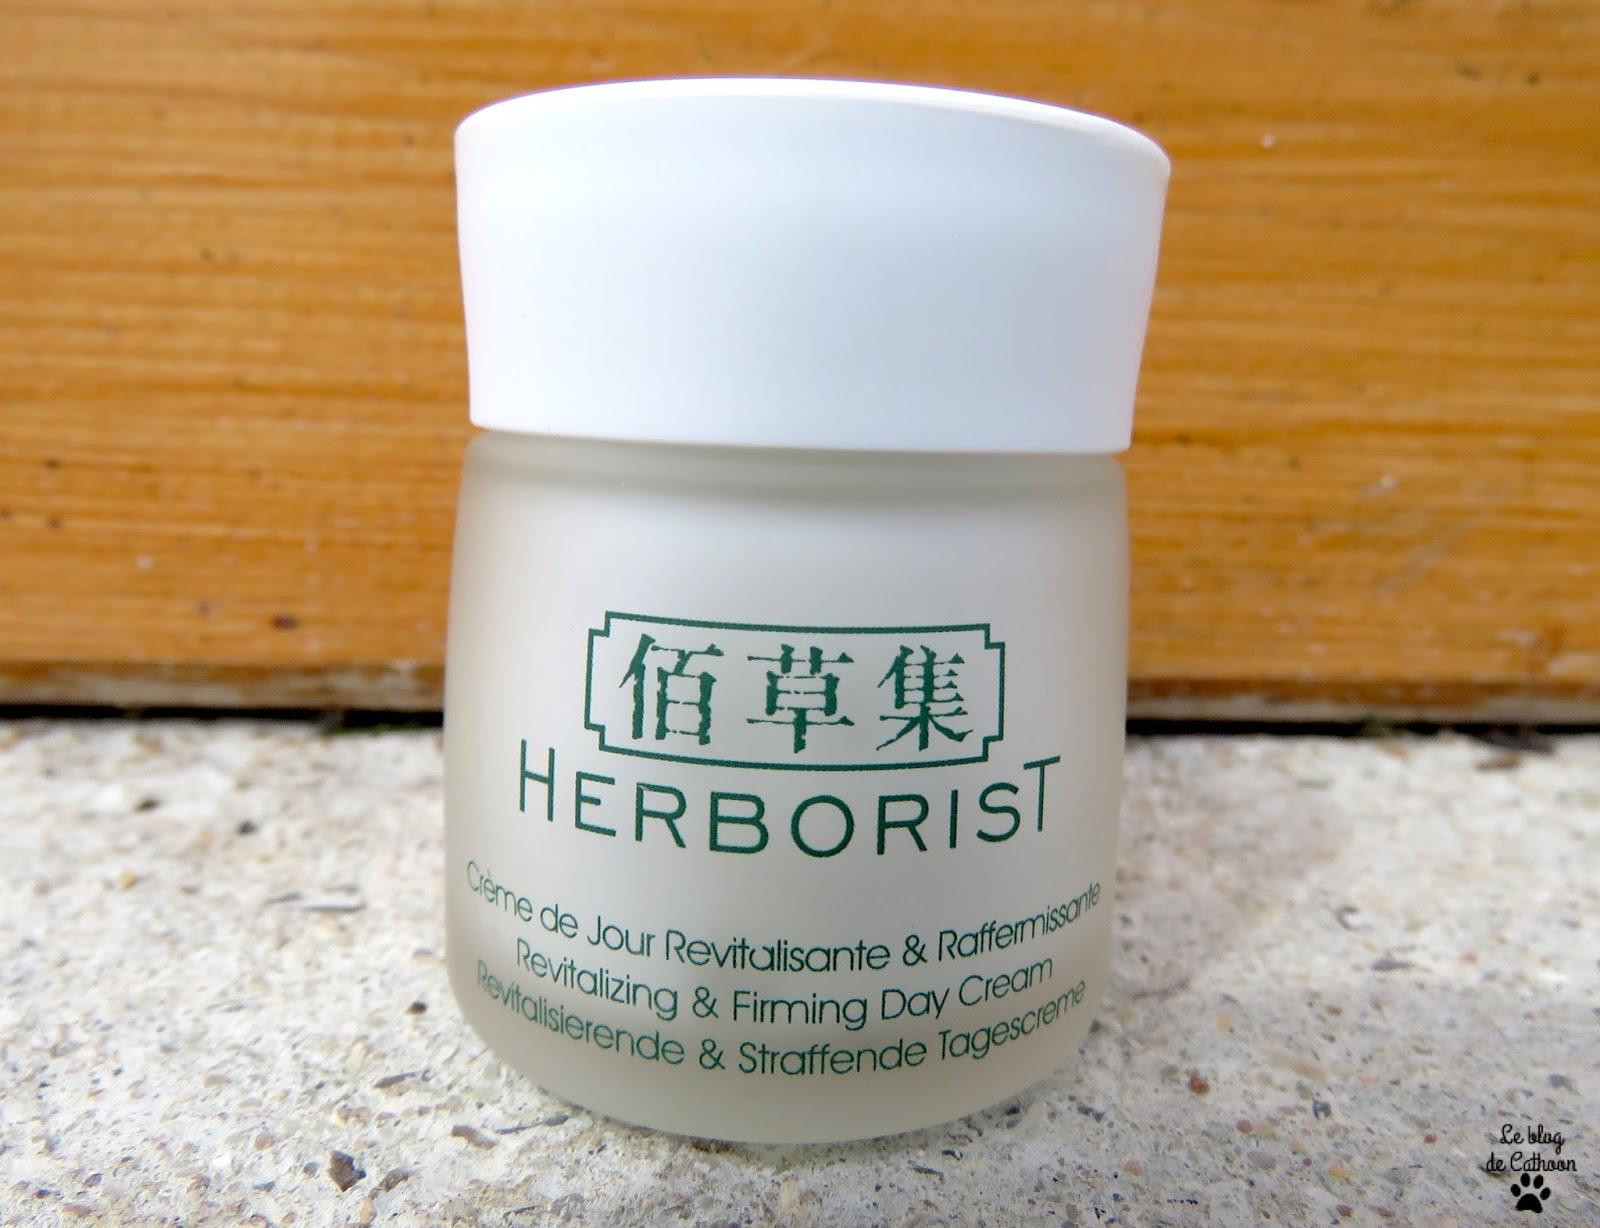 Crème de Jour Revitalisante & Raffermissante herborist